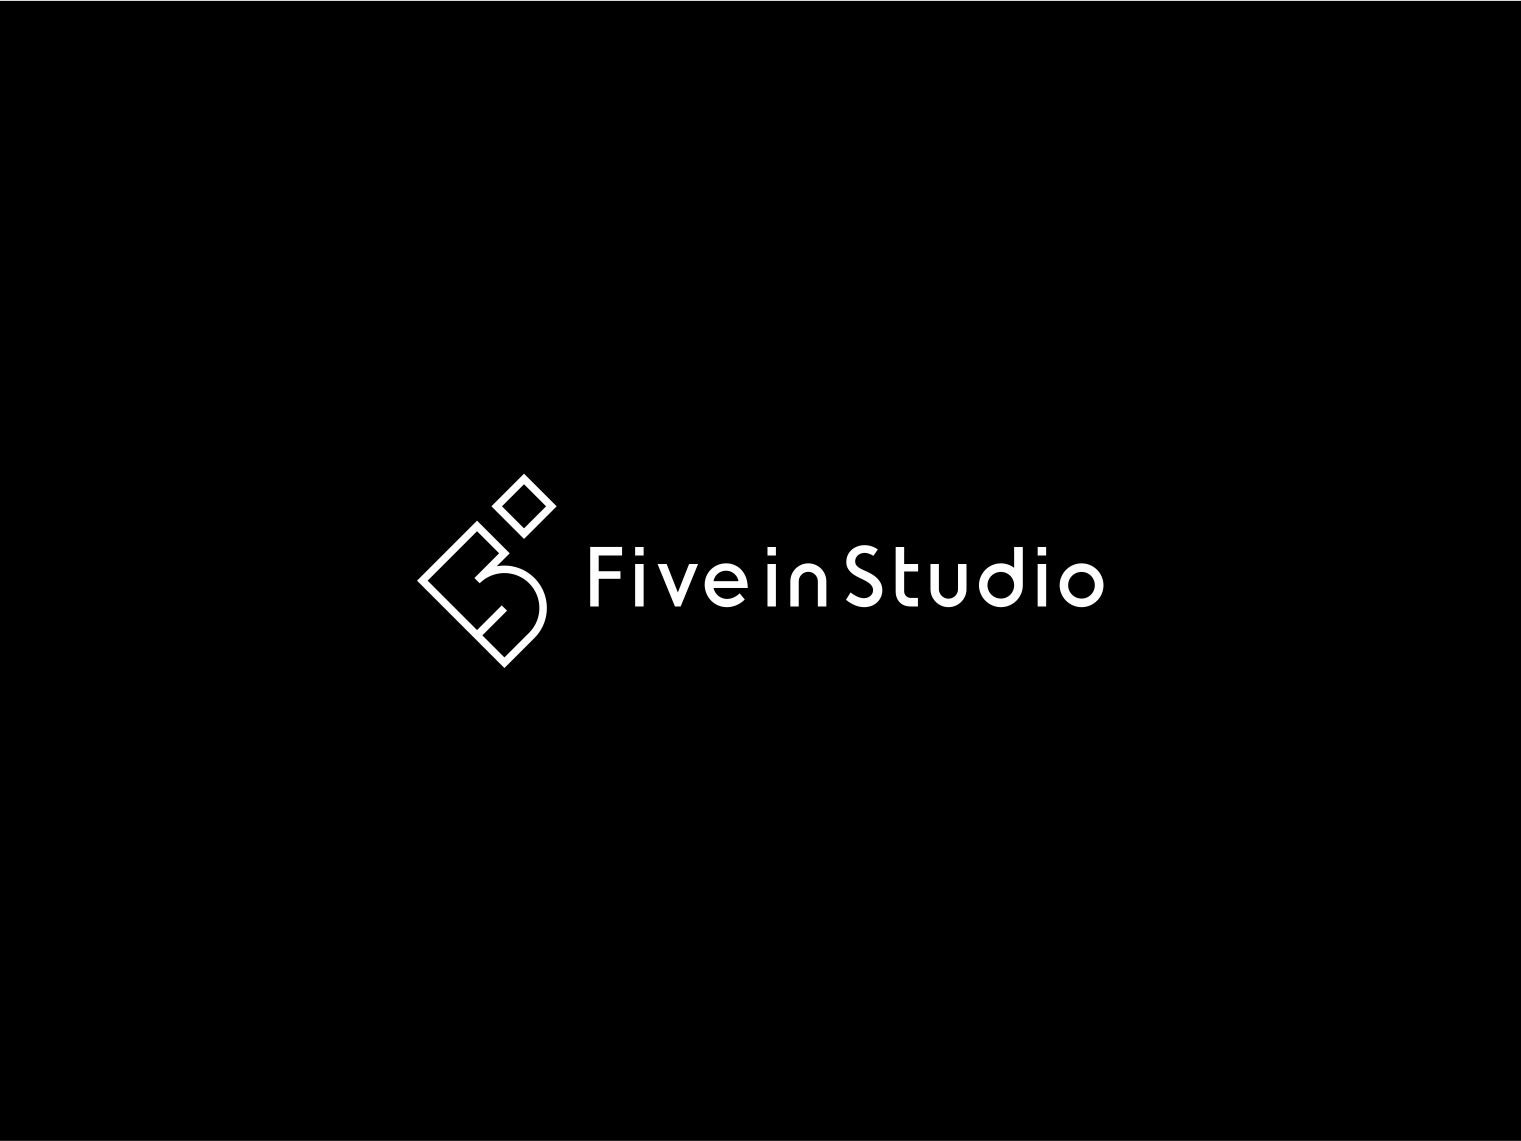 Five in studio